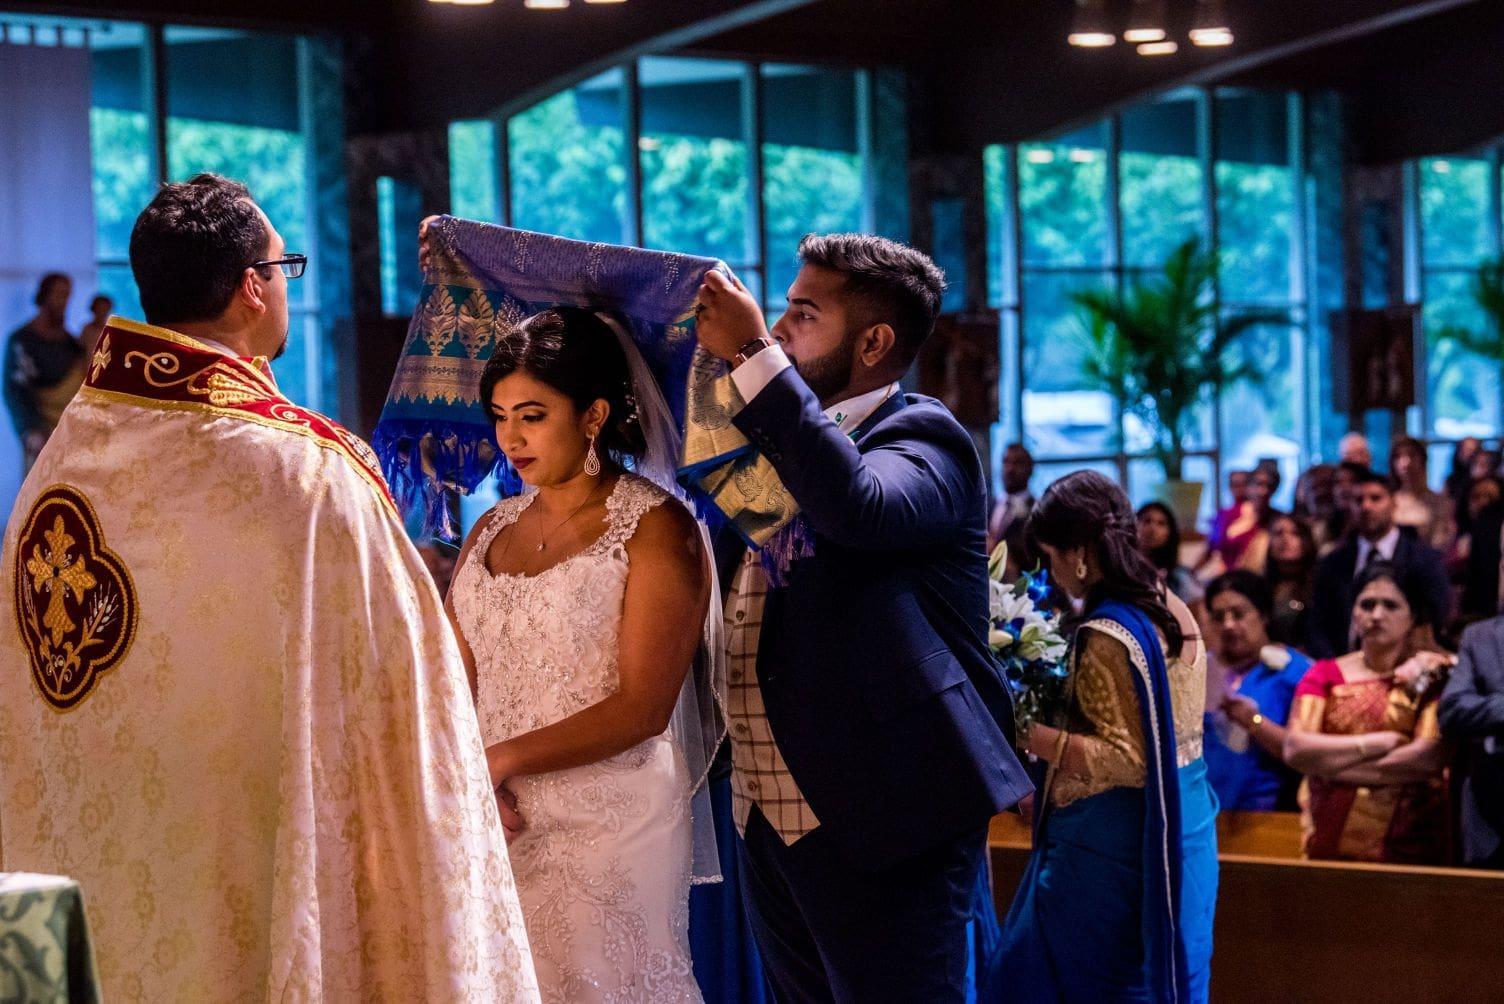 Ceremony-1251